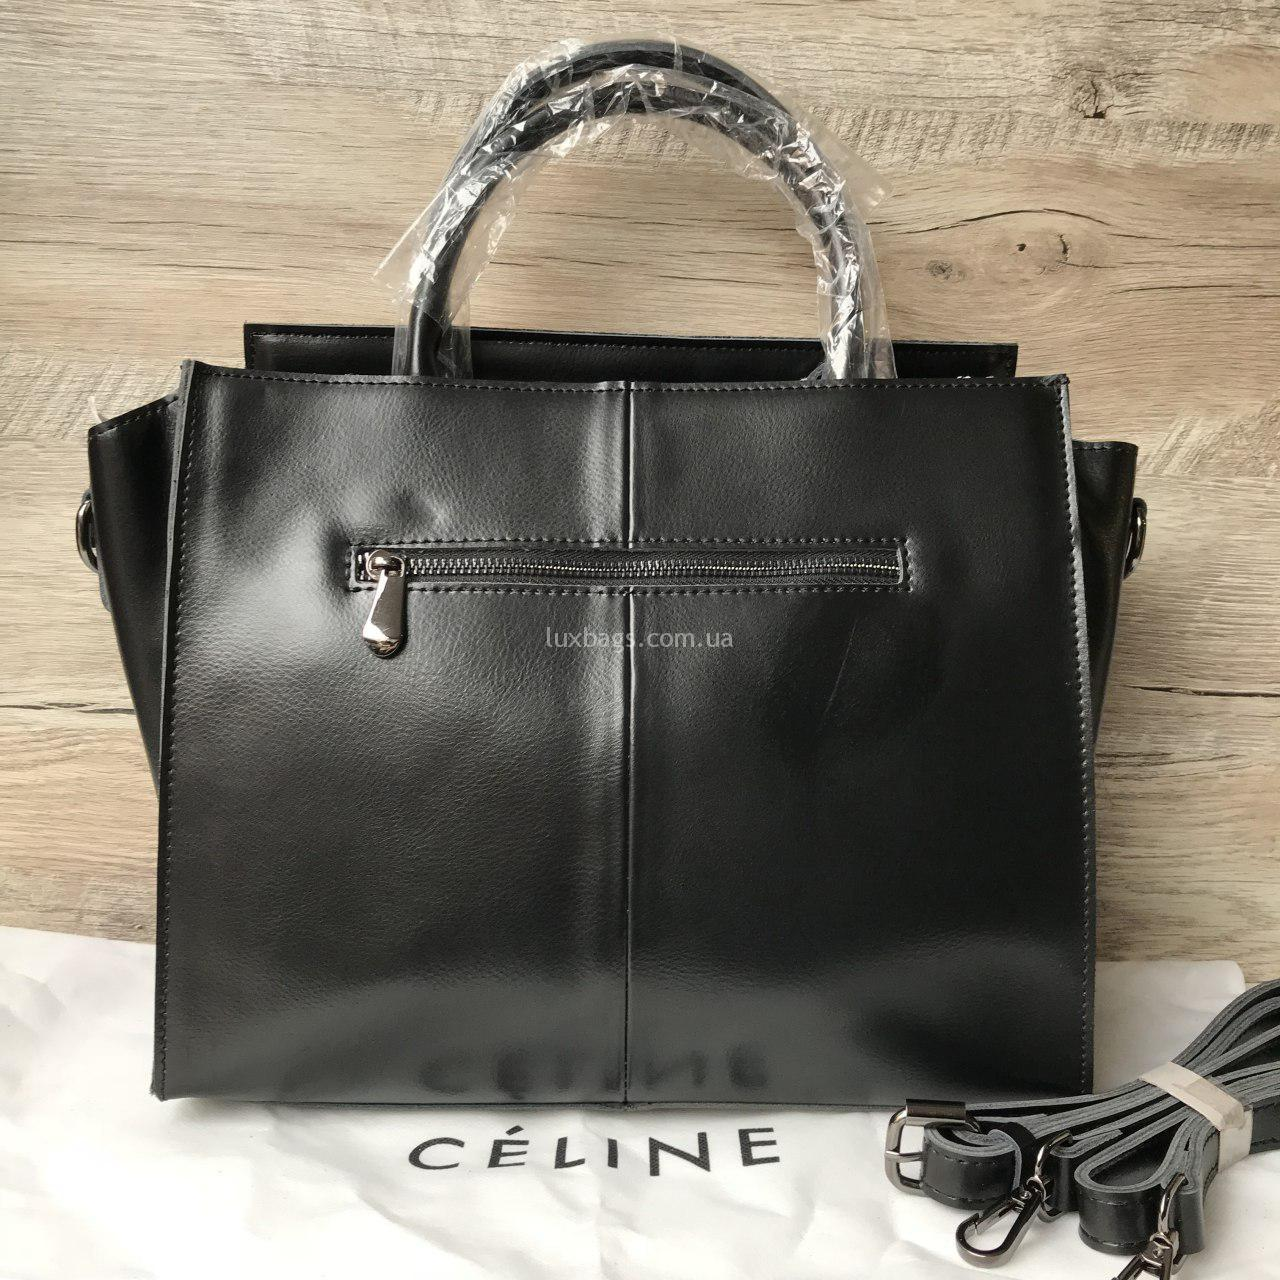 bb75f920eb68 Женская сумка Celine (Селин) | Женские Кожаные Сумки